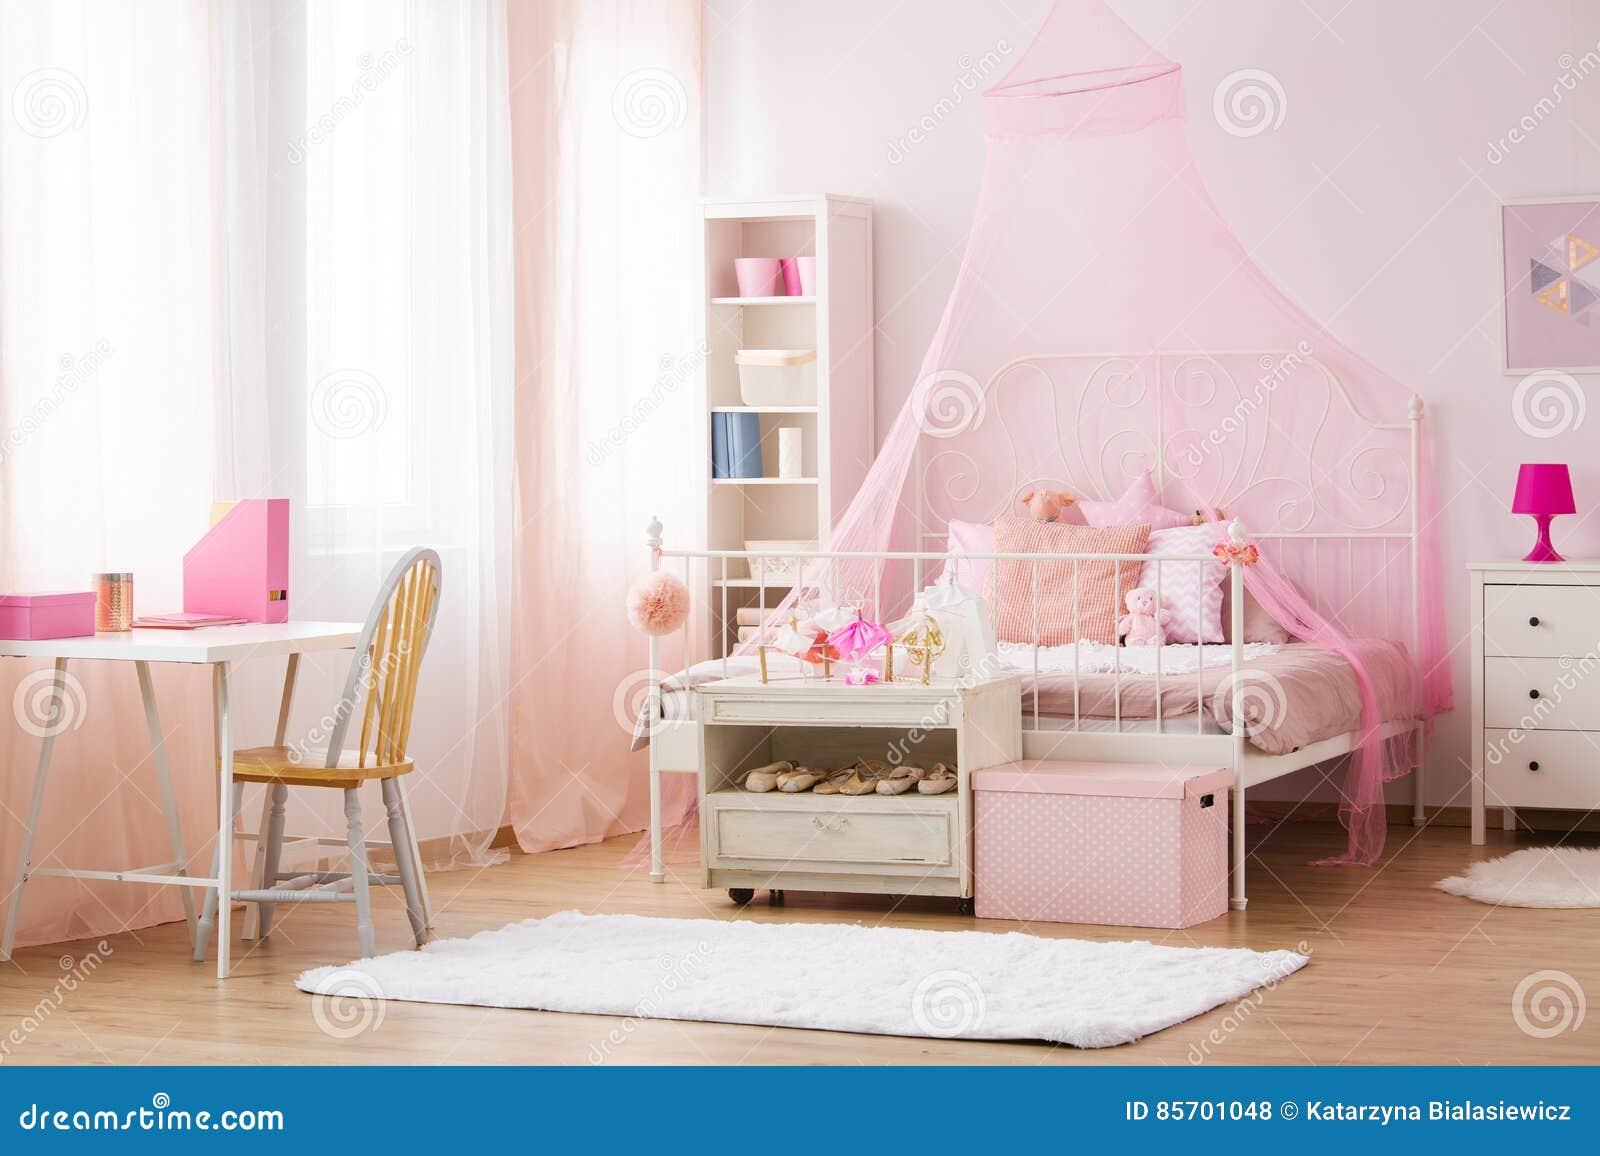 Camere Da Letto Con Letto A Baldacchino : Camera da letto della ragazza con il letto del baldacchino